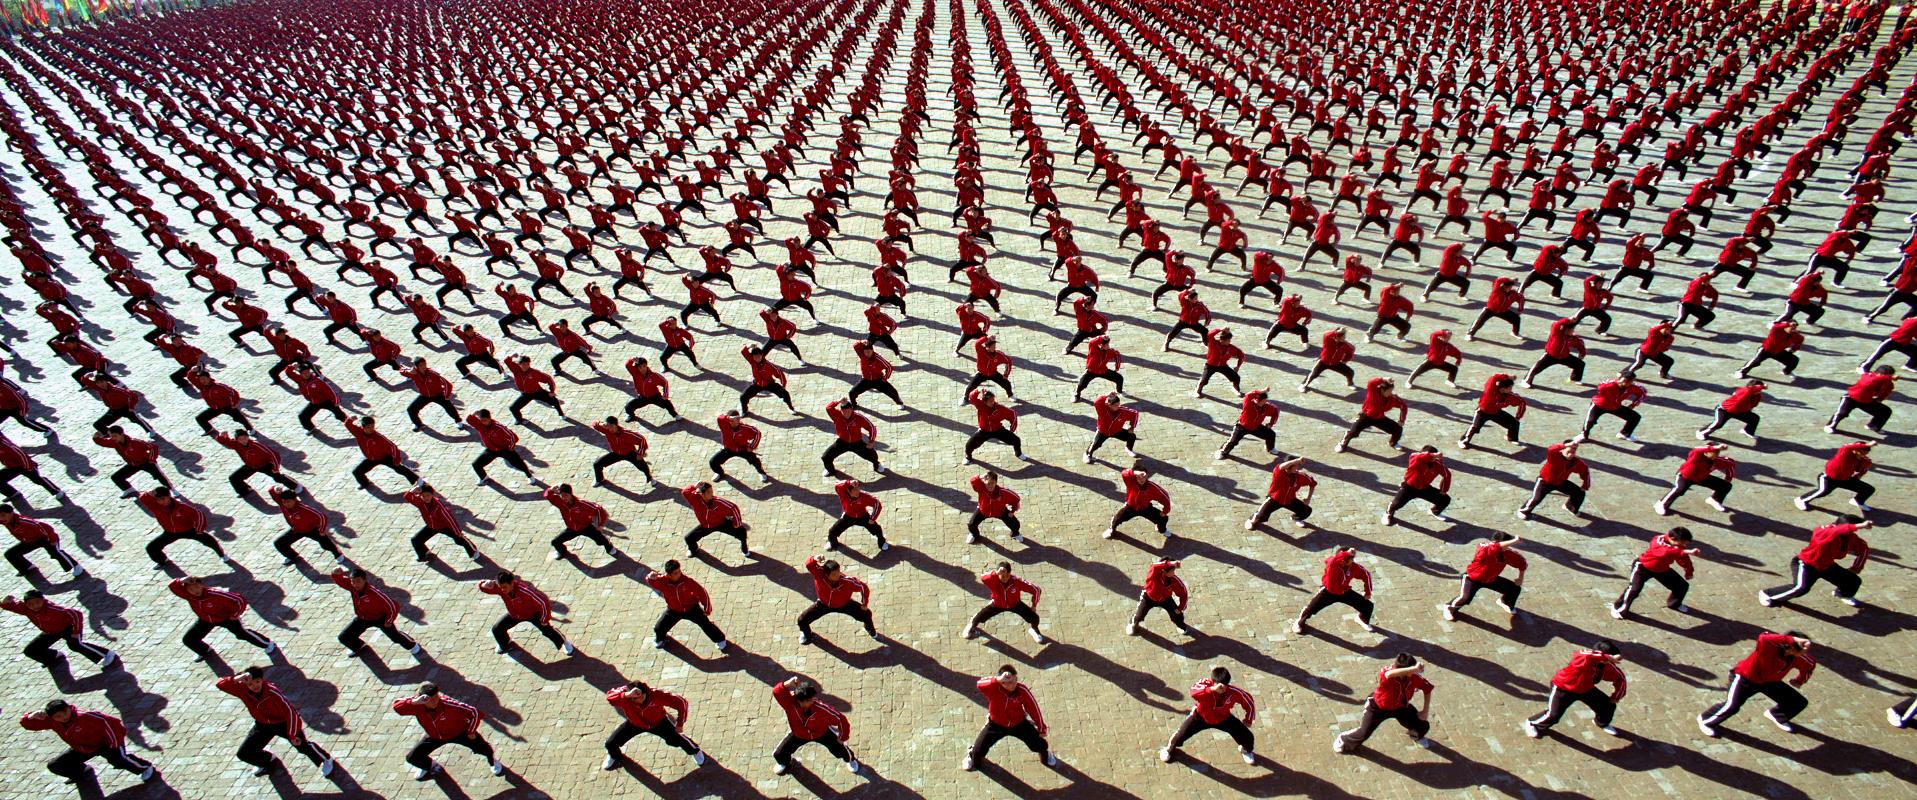 Martial-arts-academy-still-from-SAMSARA.jpg